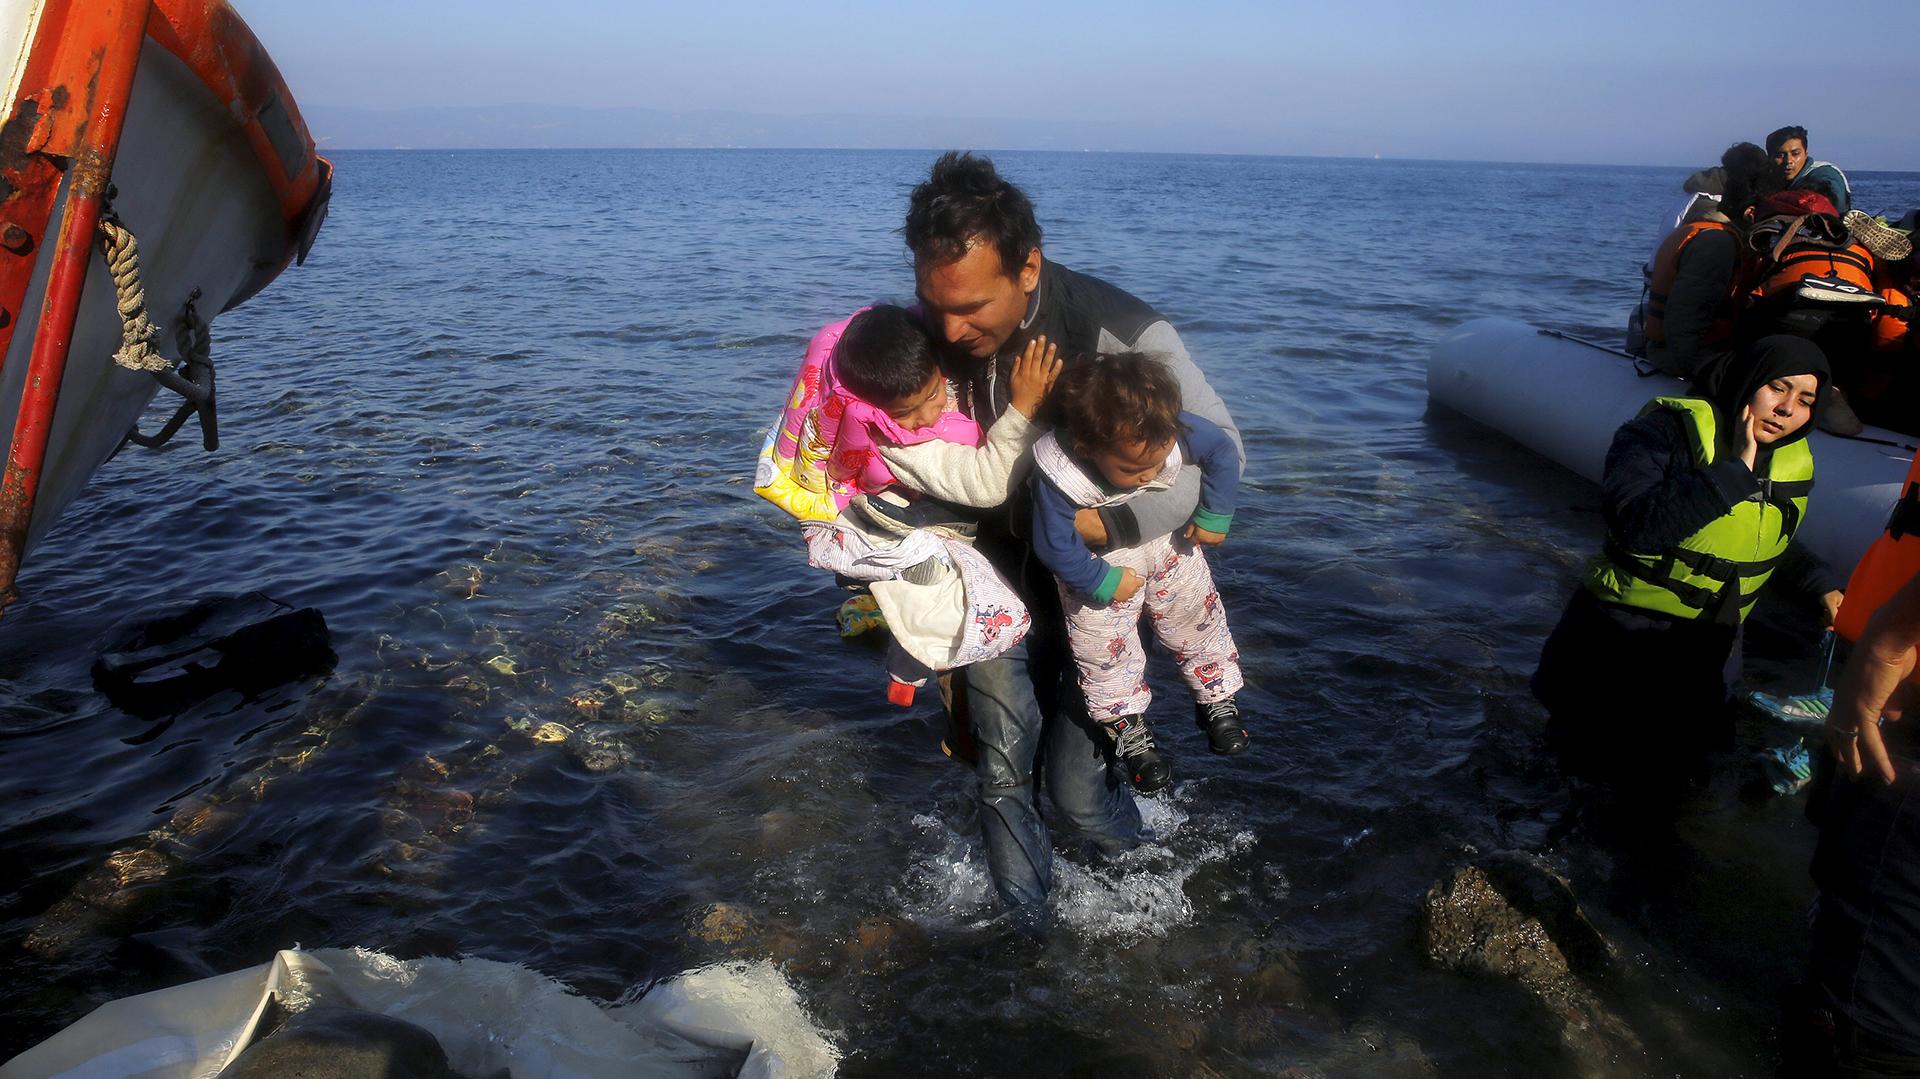 Un inmigrante afgano carga sus hijos luego de arribar en un bote sobrecargado a la isla groga de Lesbos. REUTERS/Yannis Behrakis